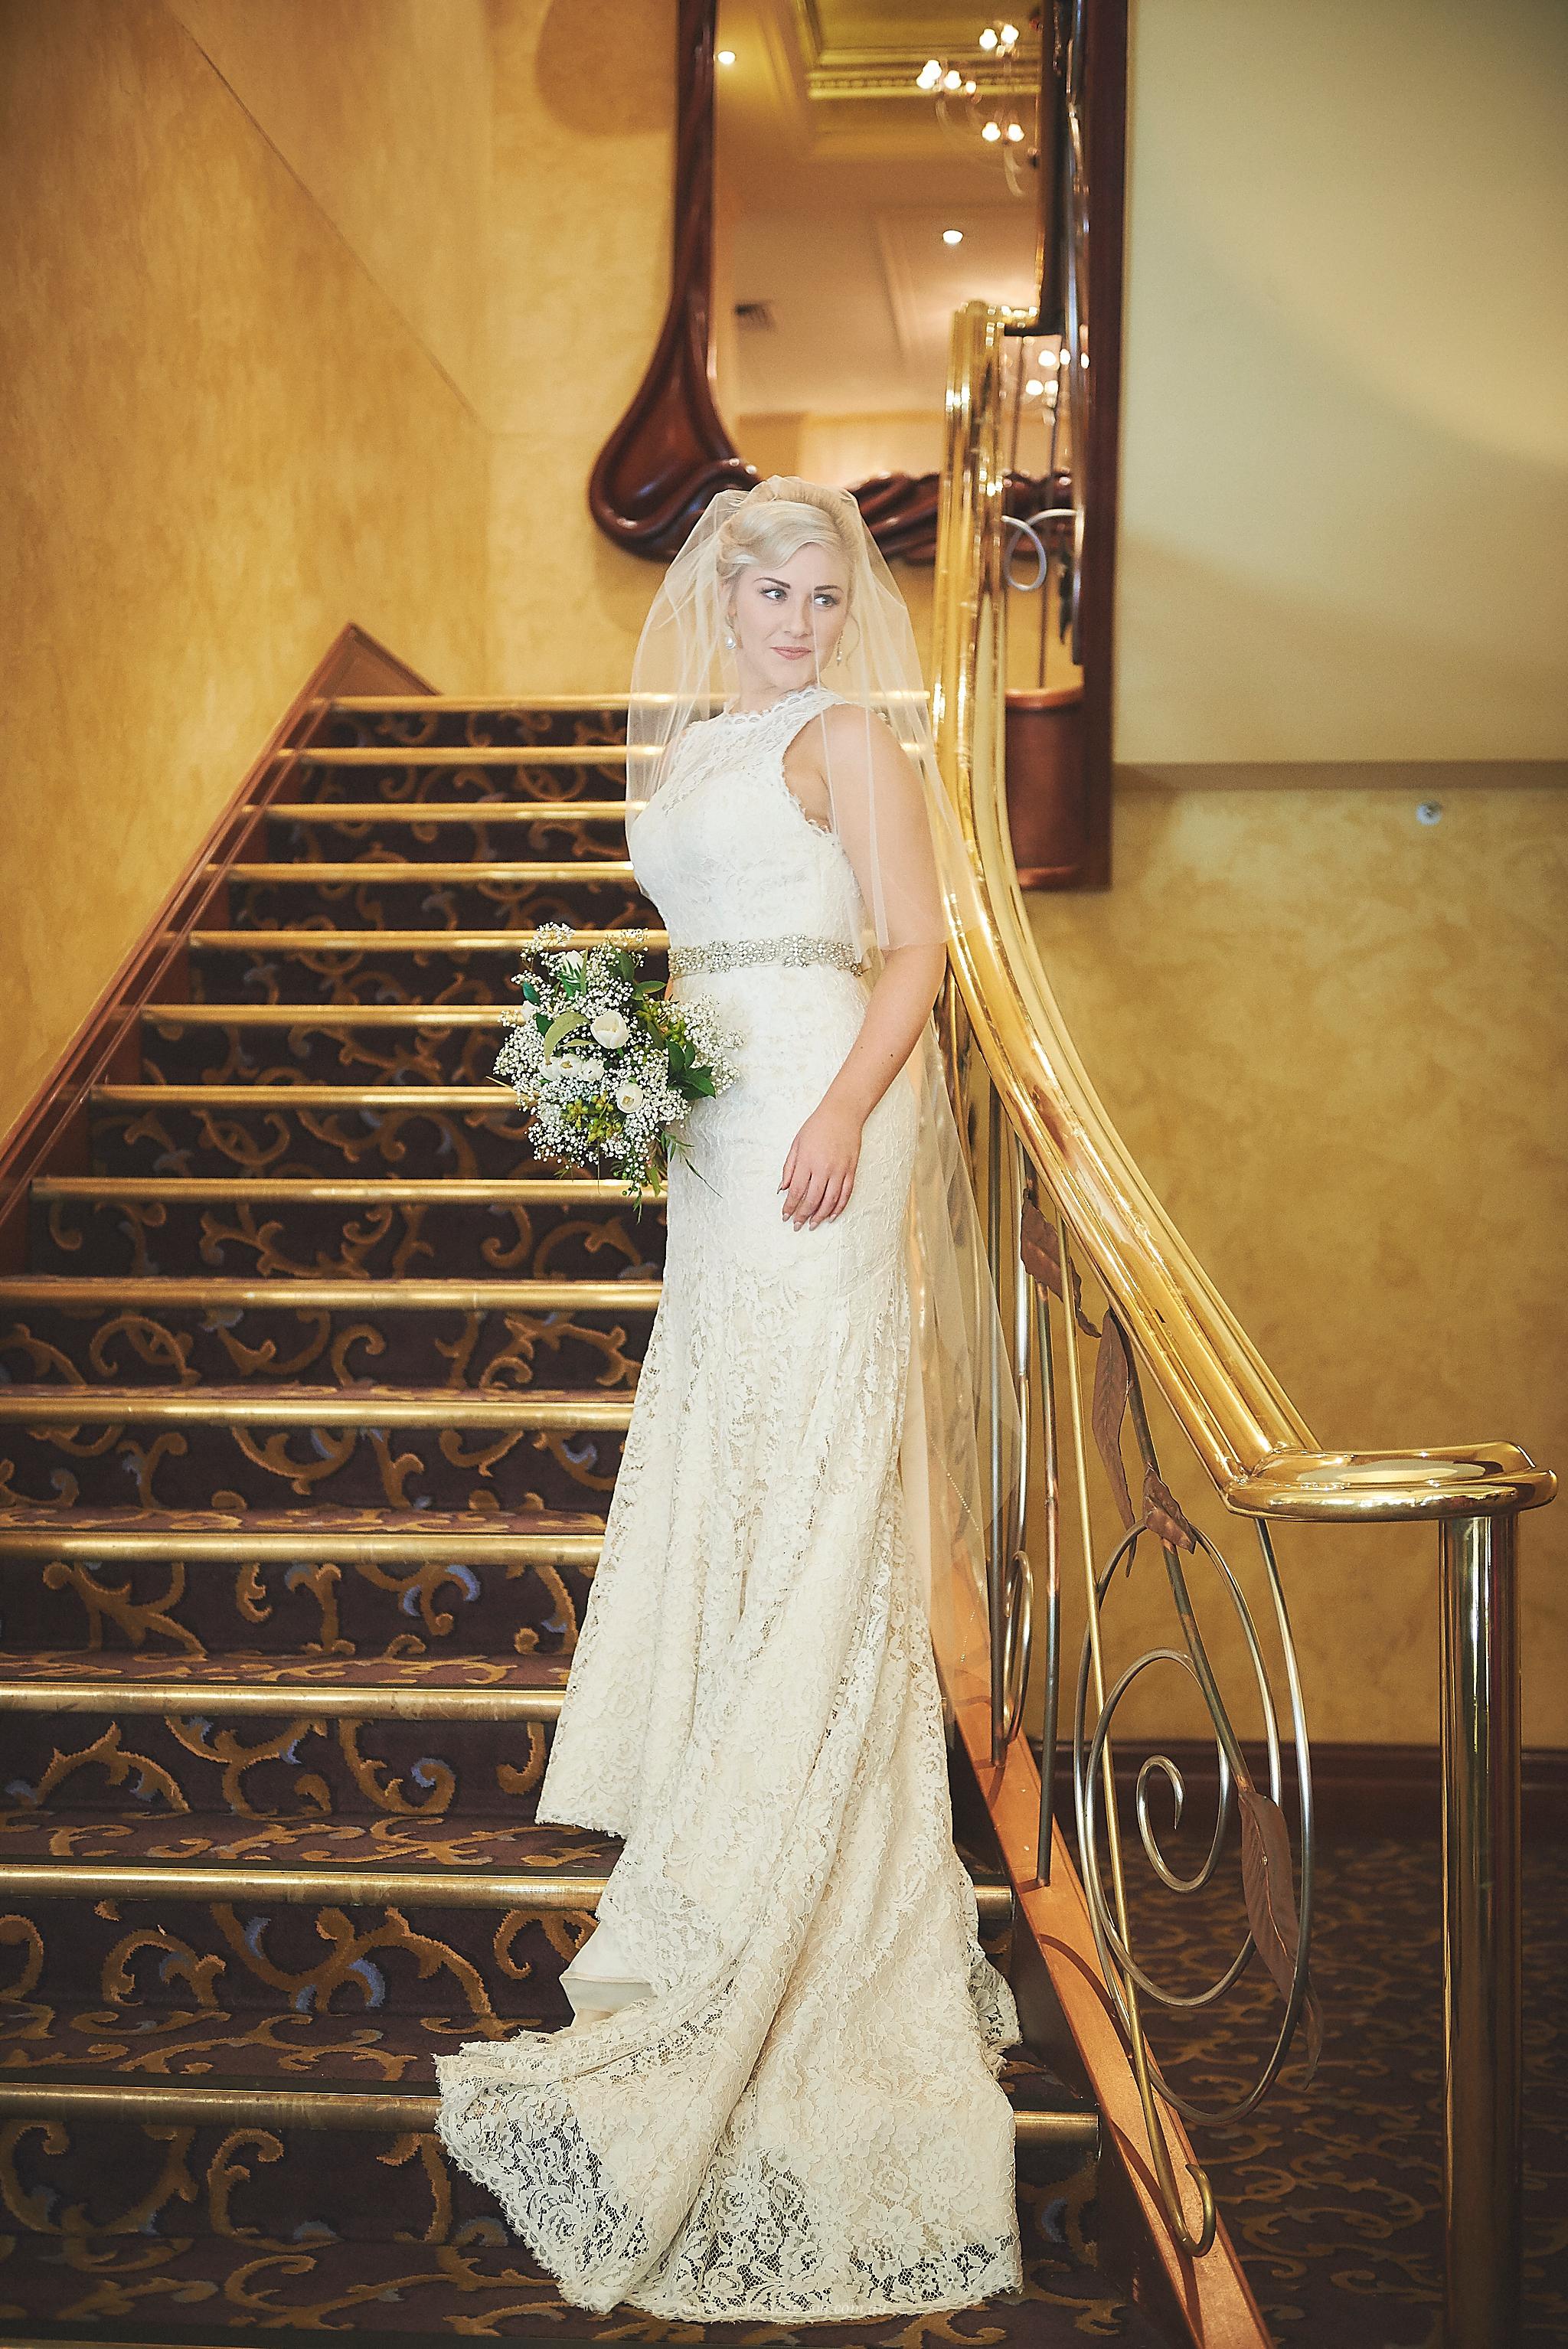 adelaide_wedding_photography24.jpg